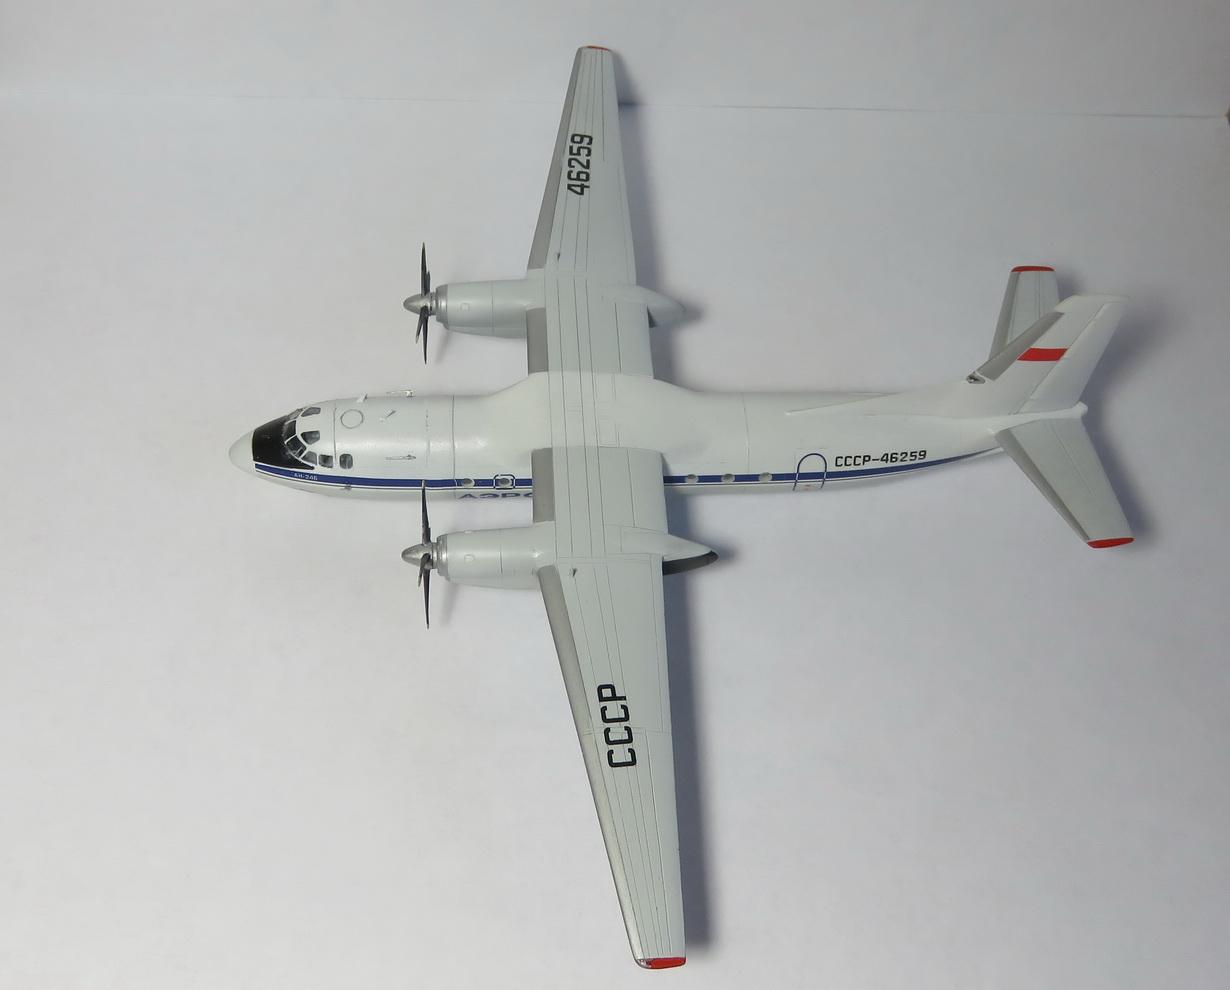 Ан-24Б СССР-46259 АЭРОФЛОТ 1-144 Восточный Экспресс Img_8911